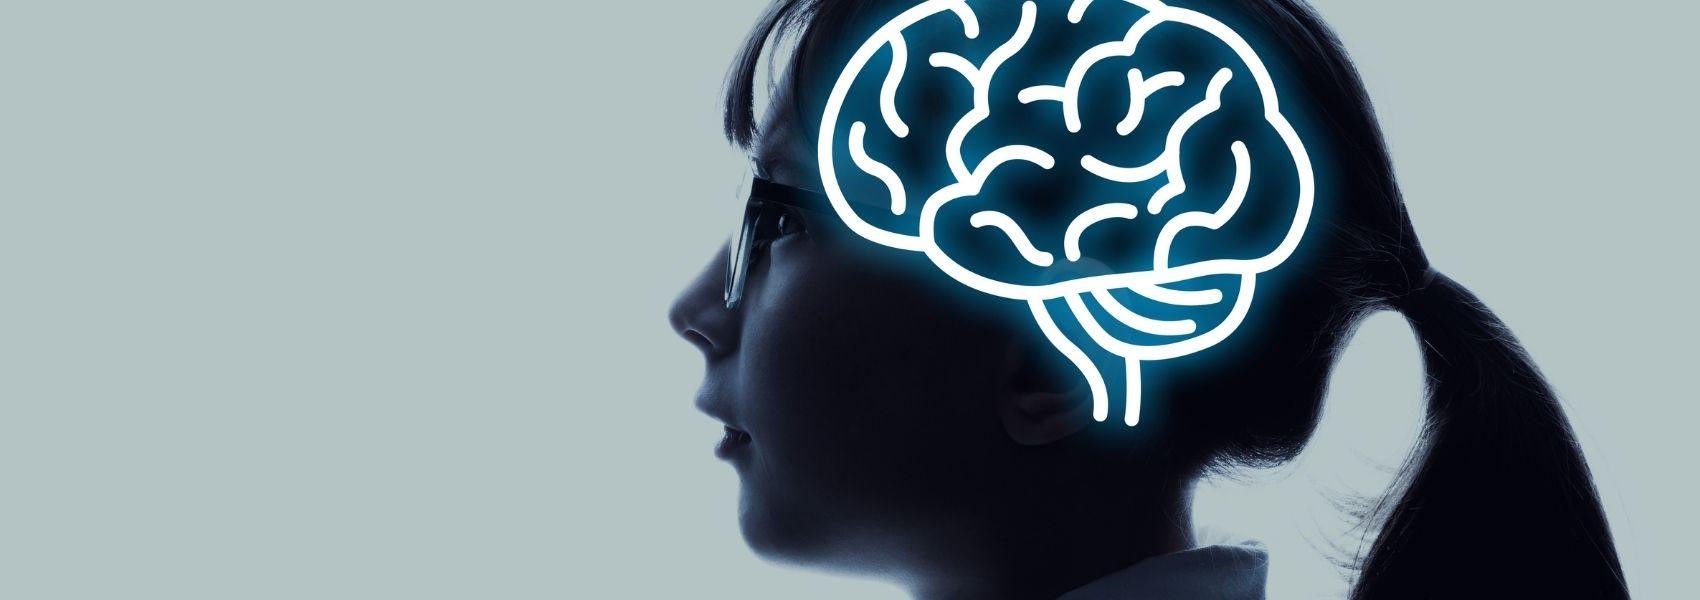 Determinar o tratamento correto para a epilepsia através de um teste de respiração